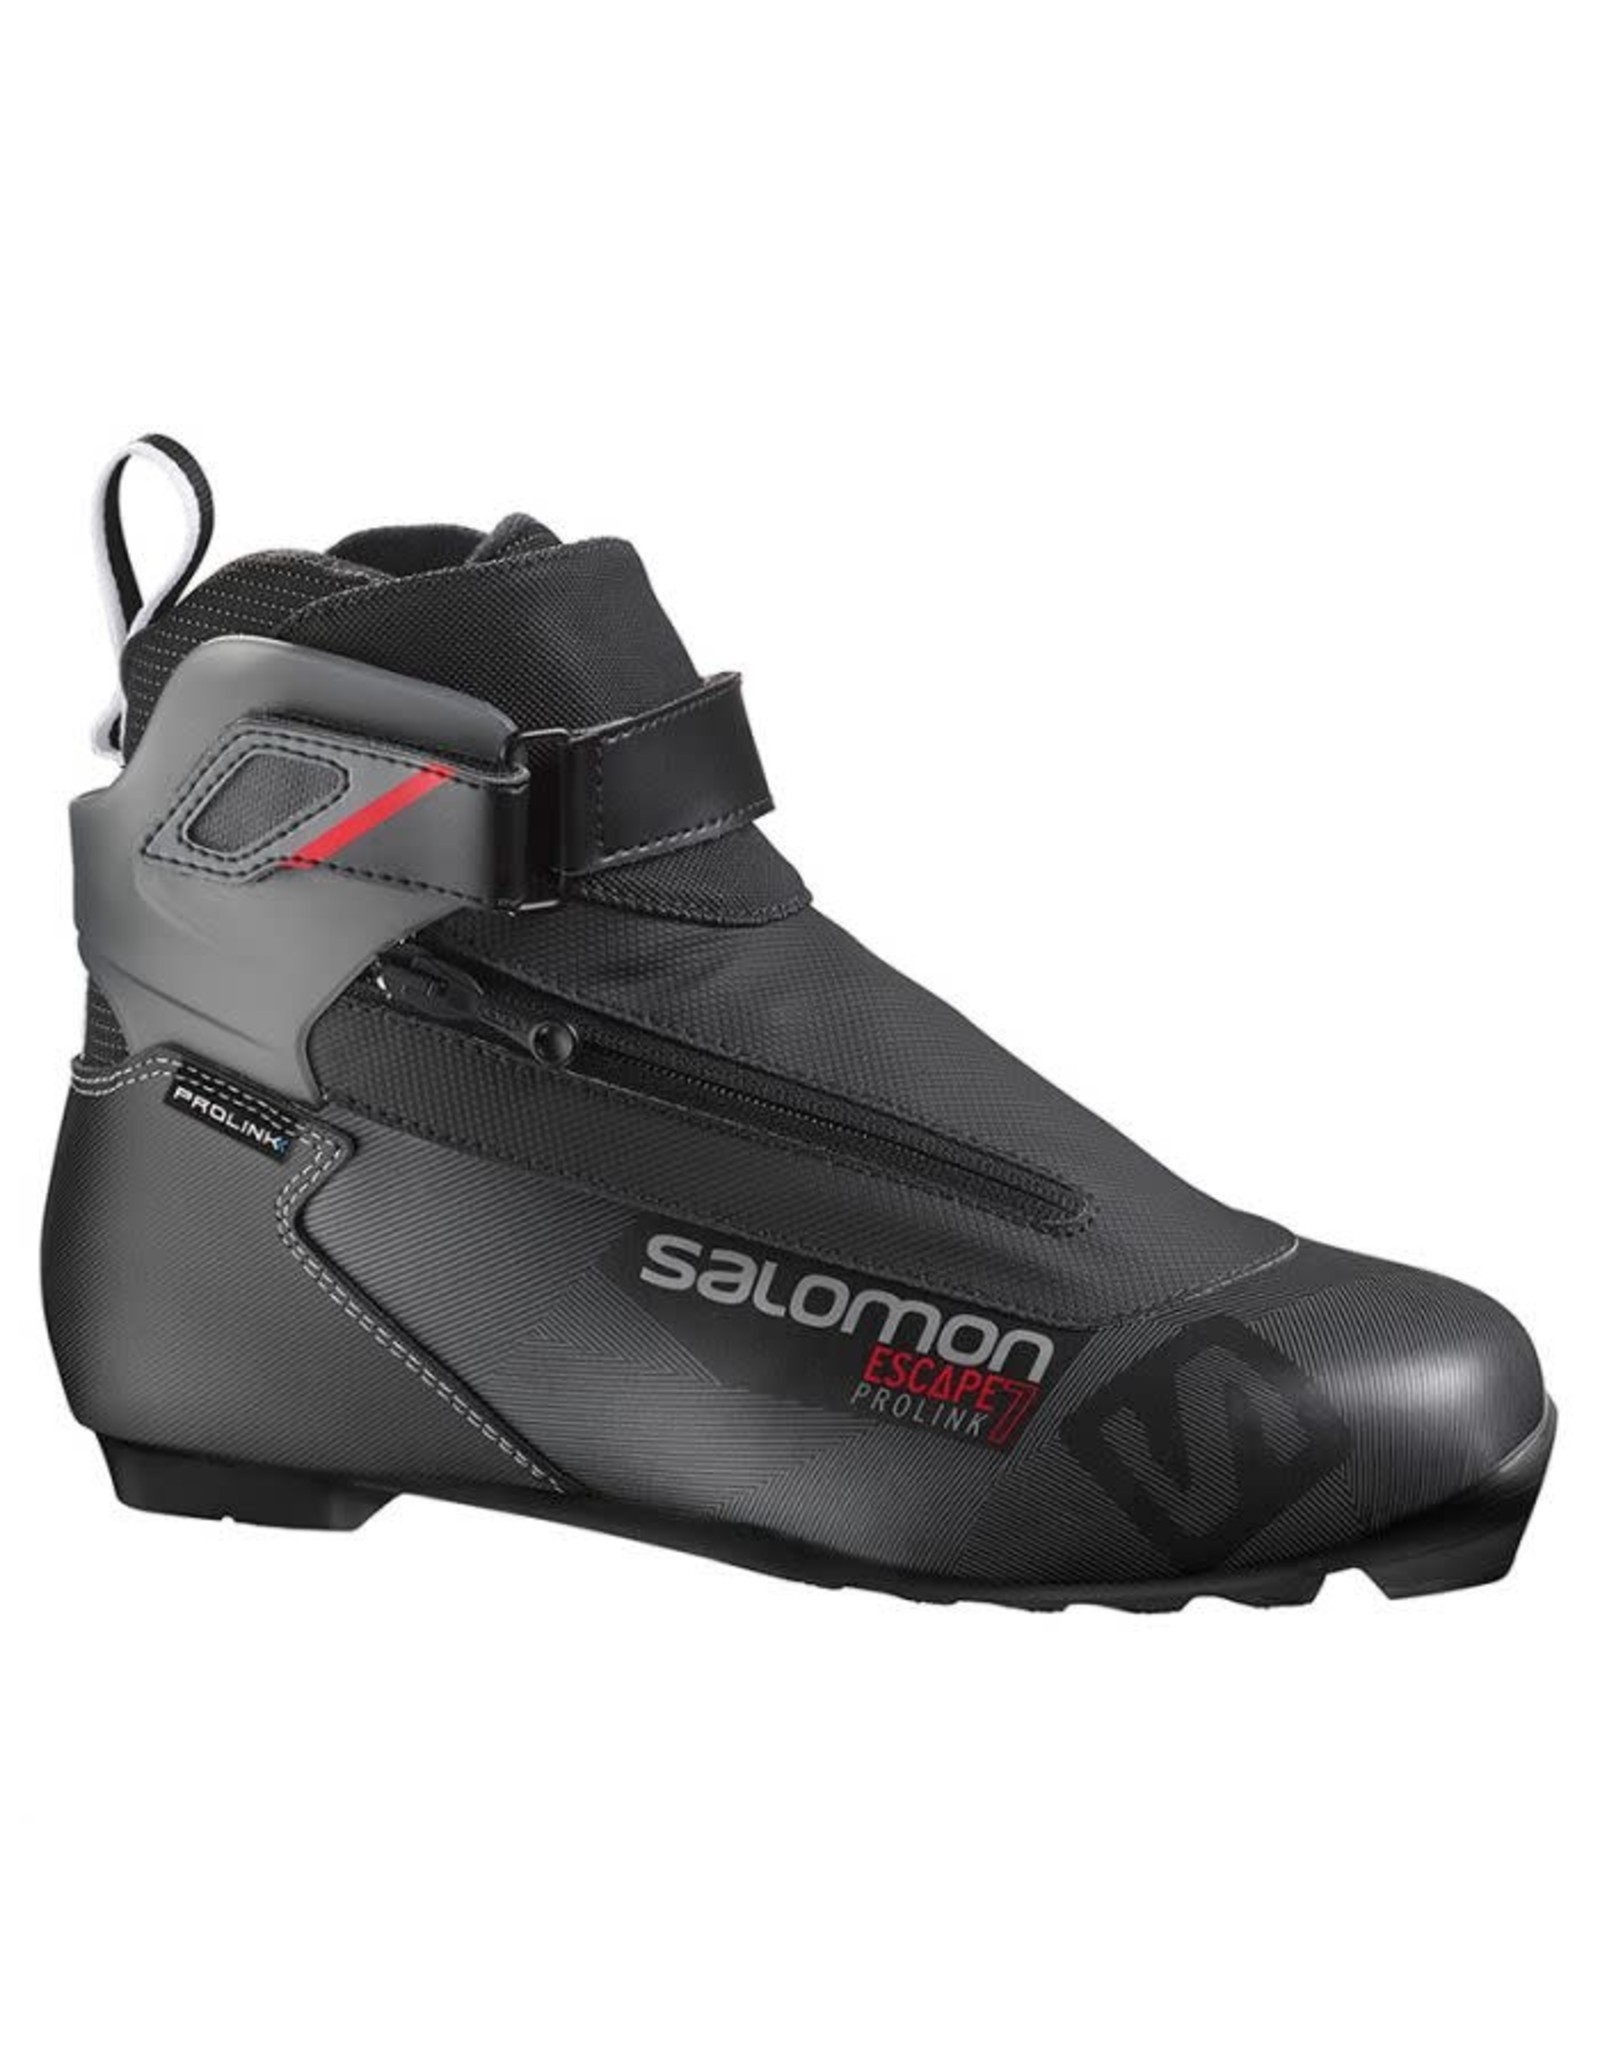 Salomon Salomon Escape 7 Prolink Boots